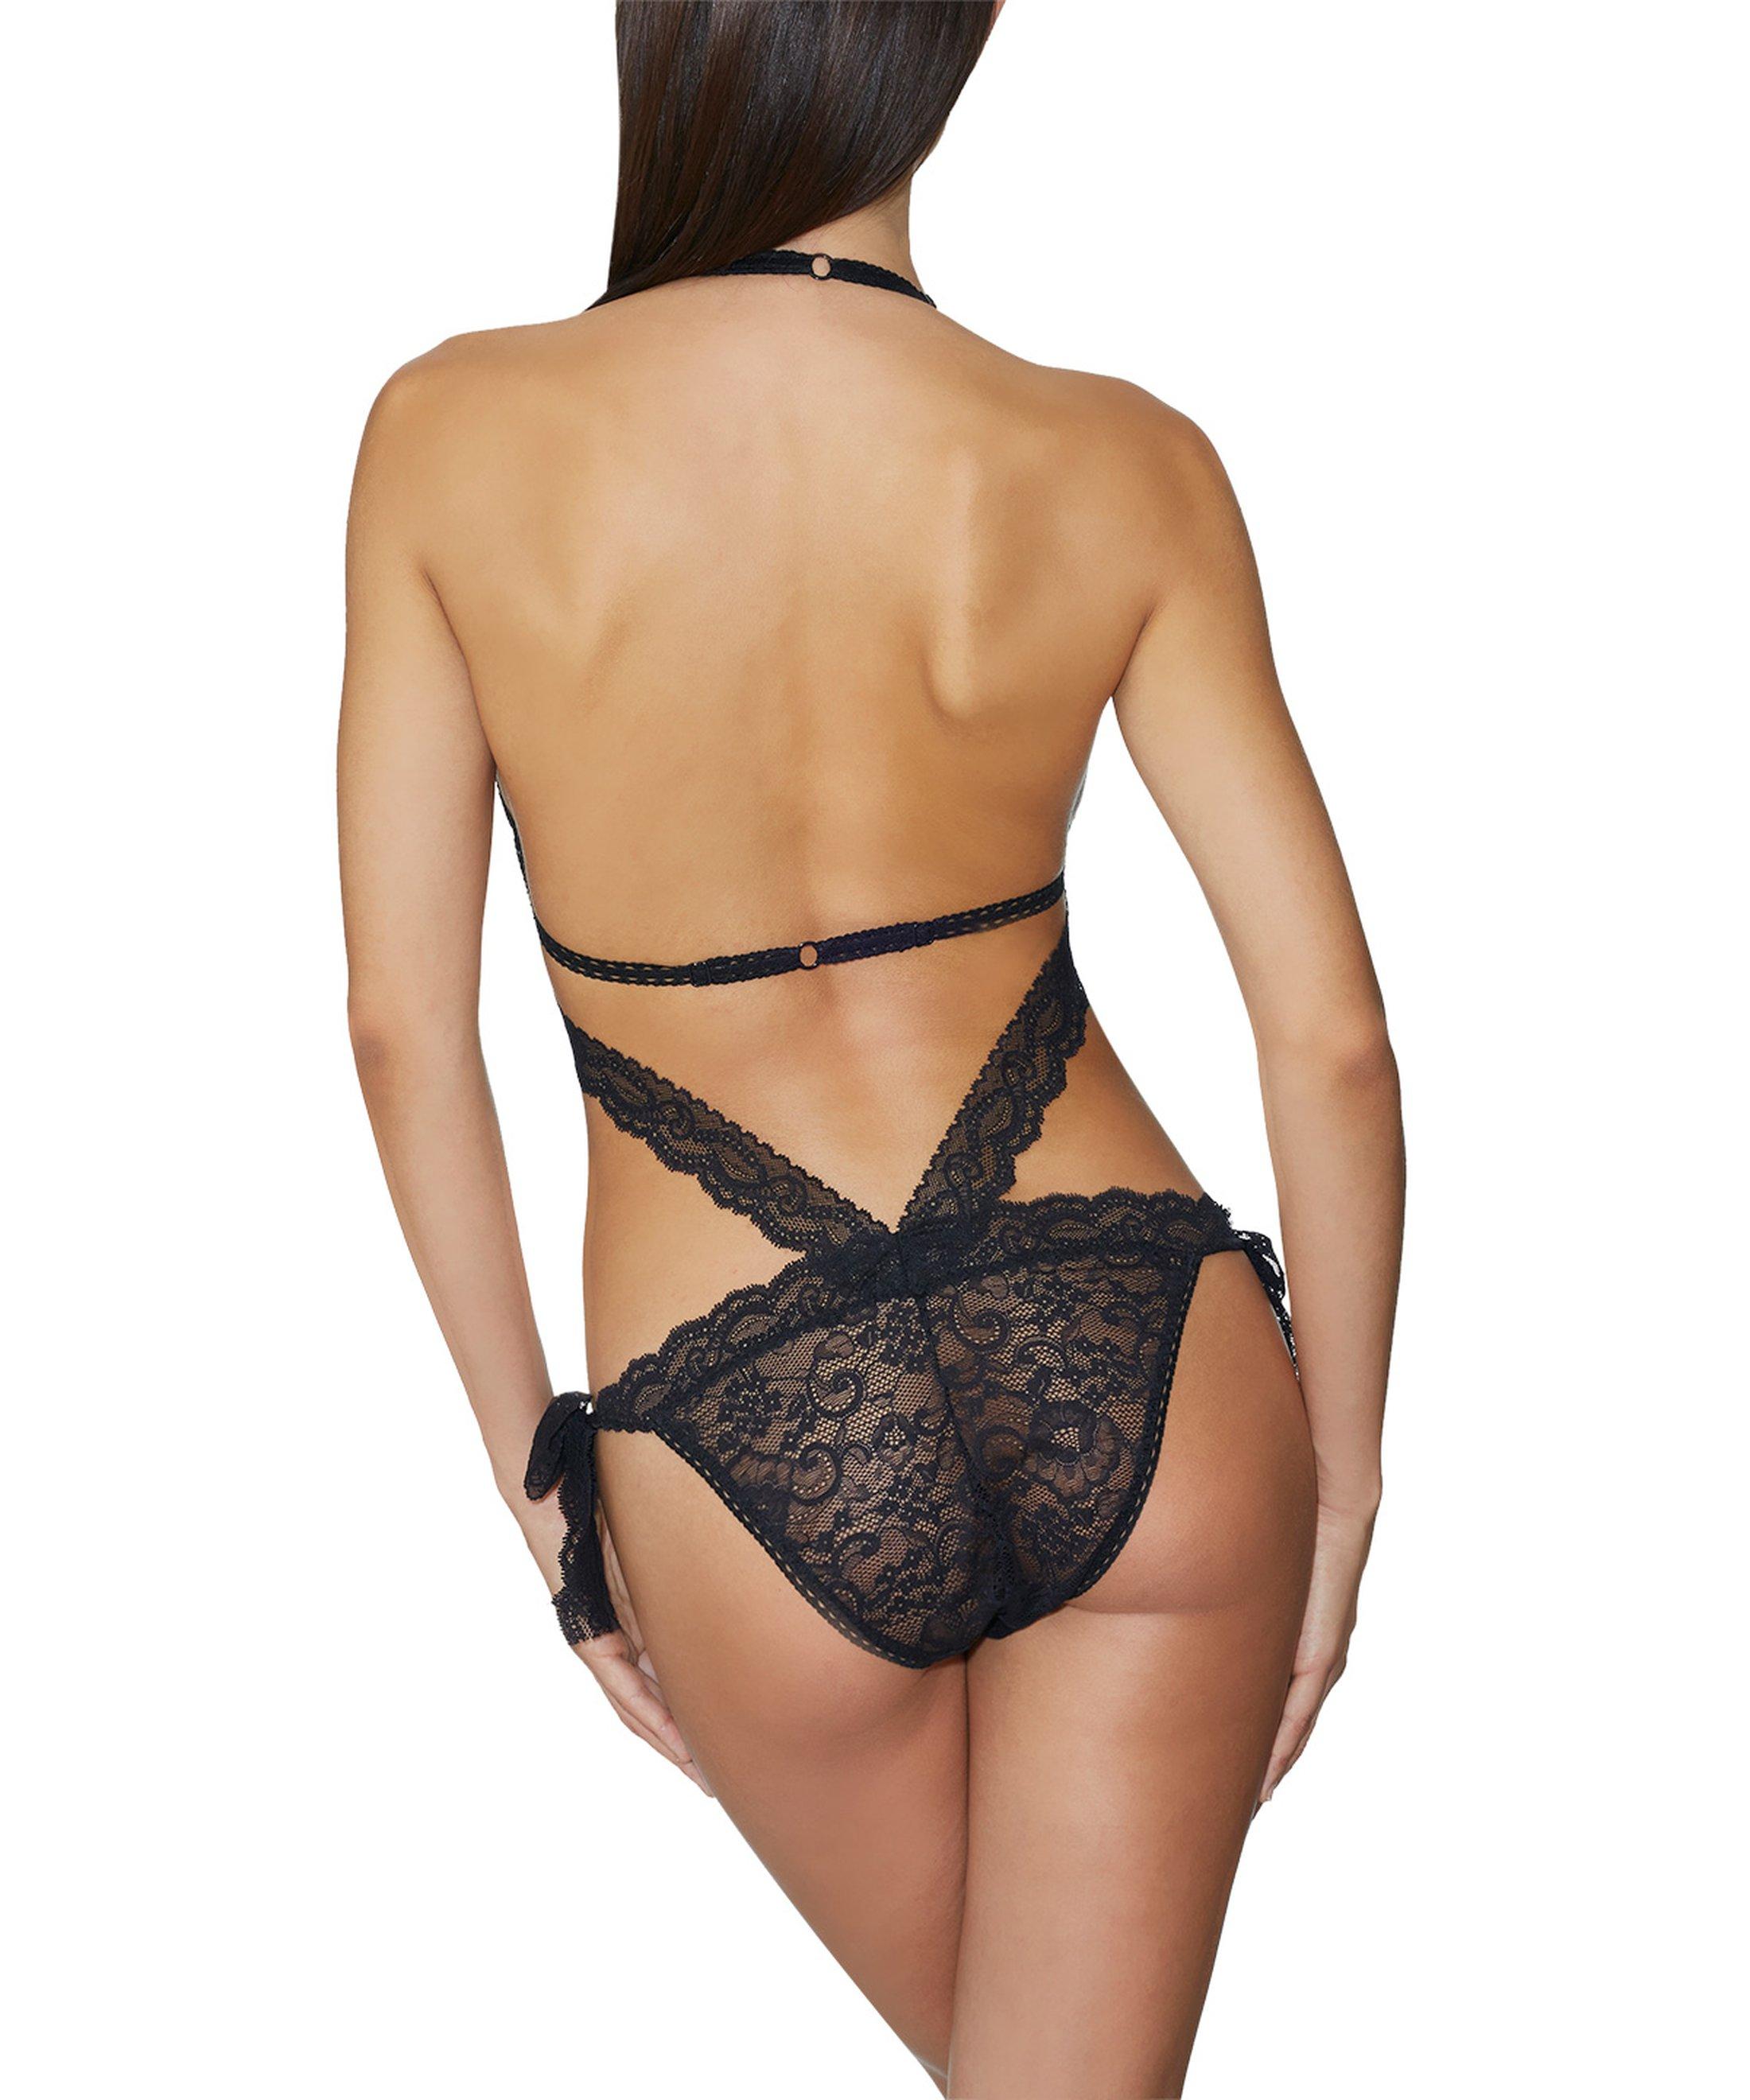 BOÎTE À DÉSIR Trikini Noir | Aubade